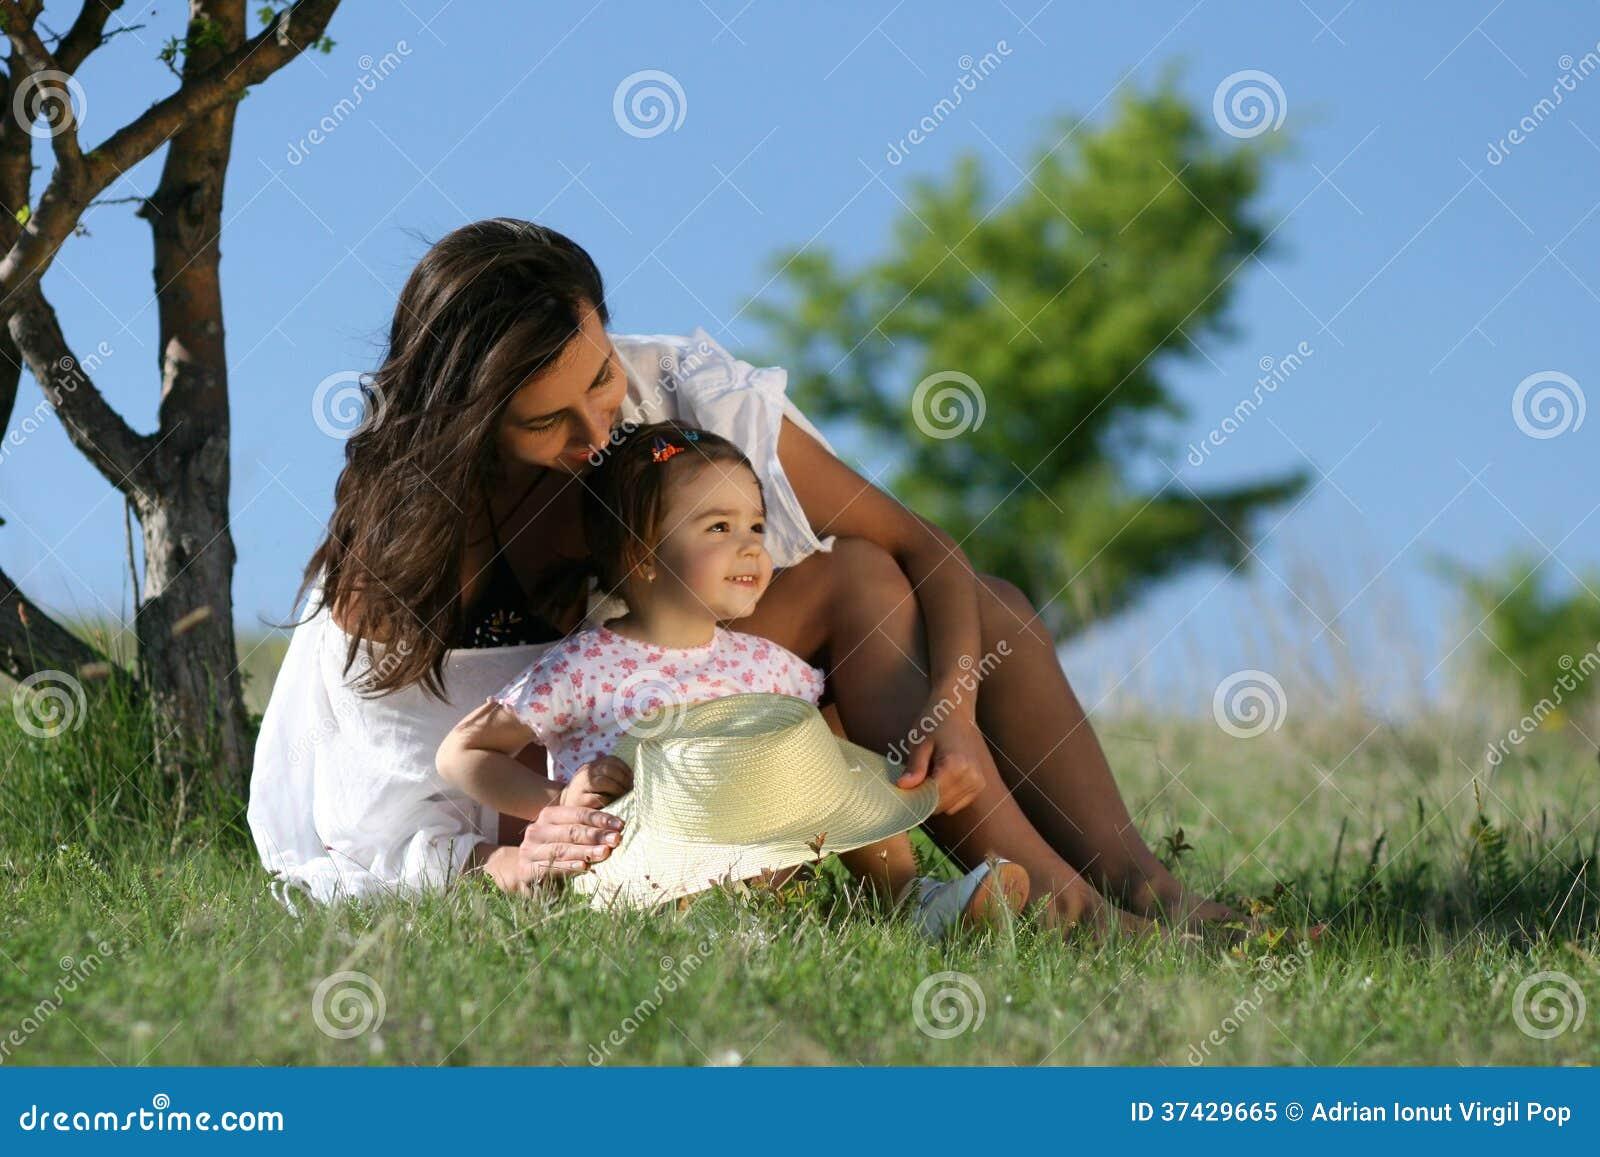 Mère et enfant en nature